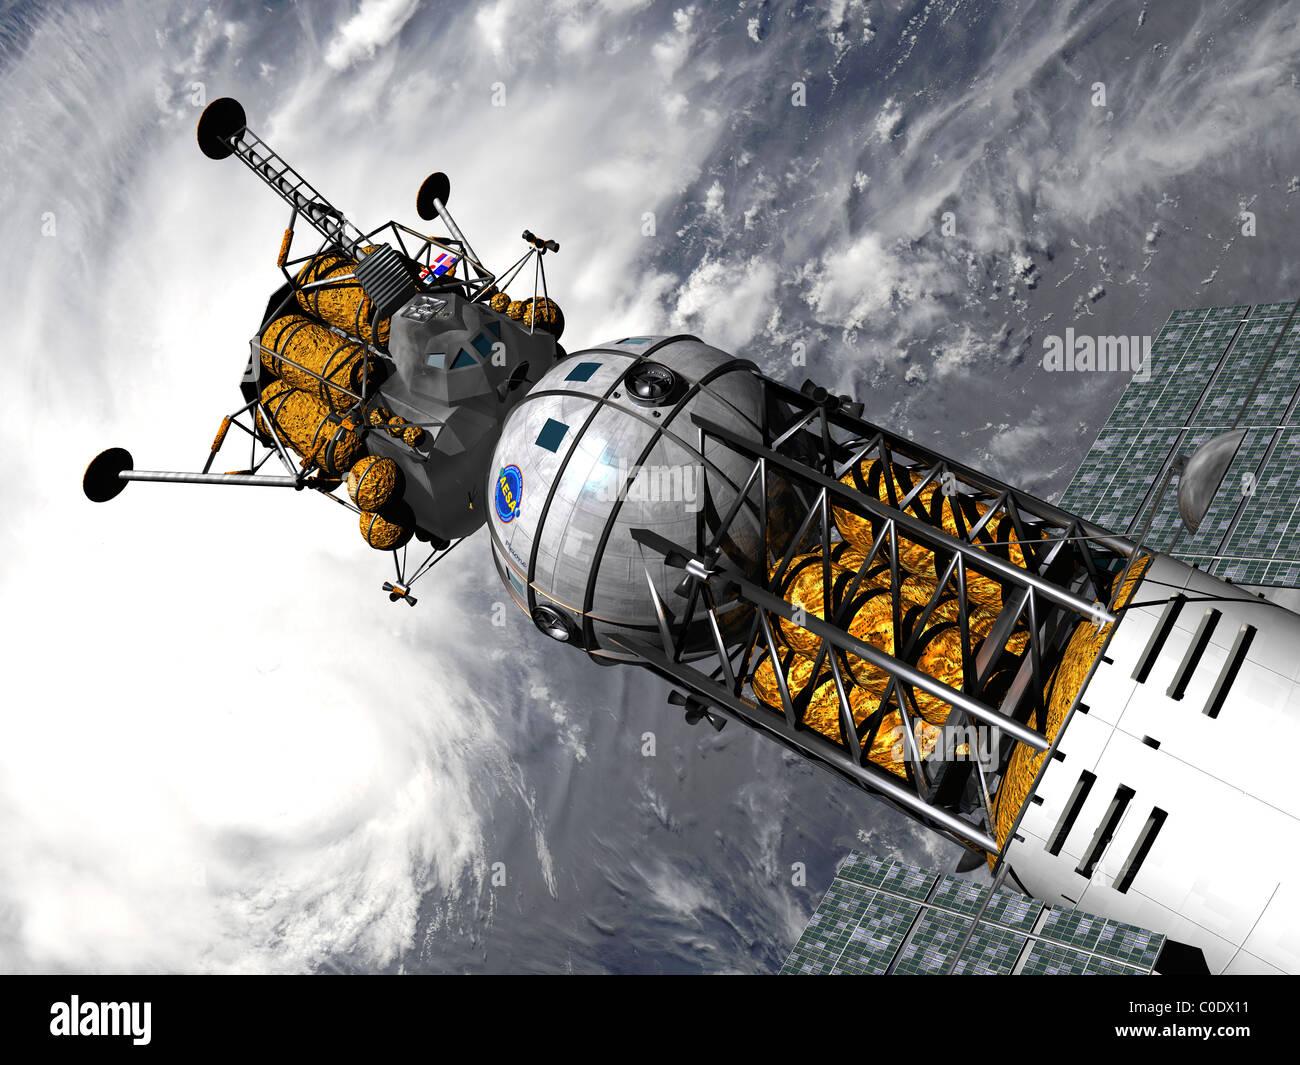 Künstlers Konzept der eine Raum-Schlepper mit einer Mondlandefähre angedockt. Stockbild